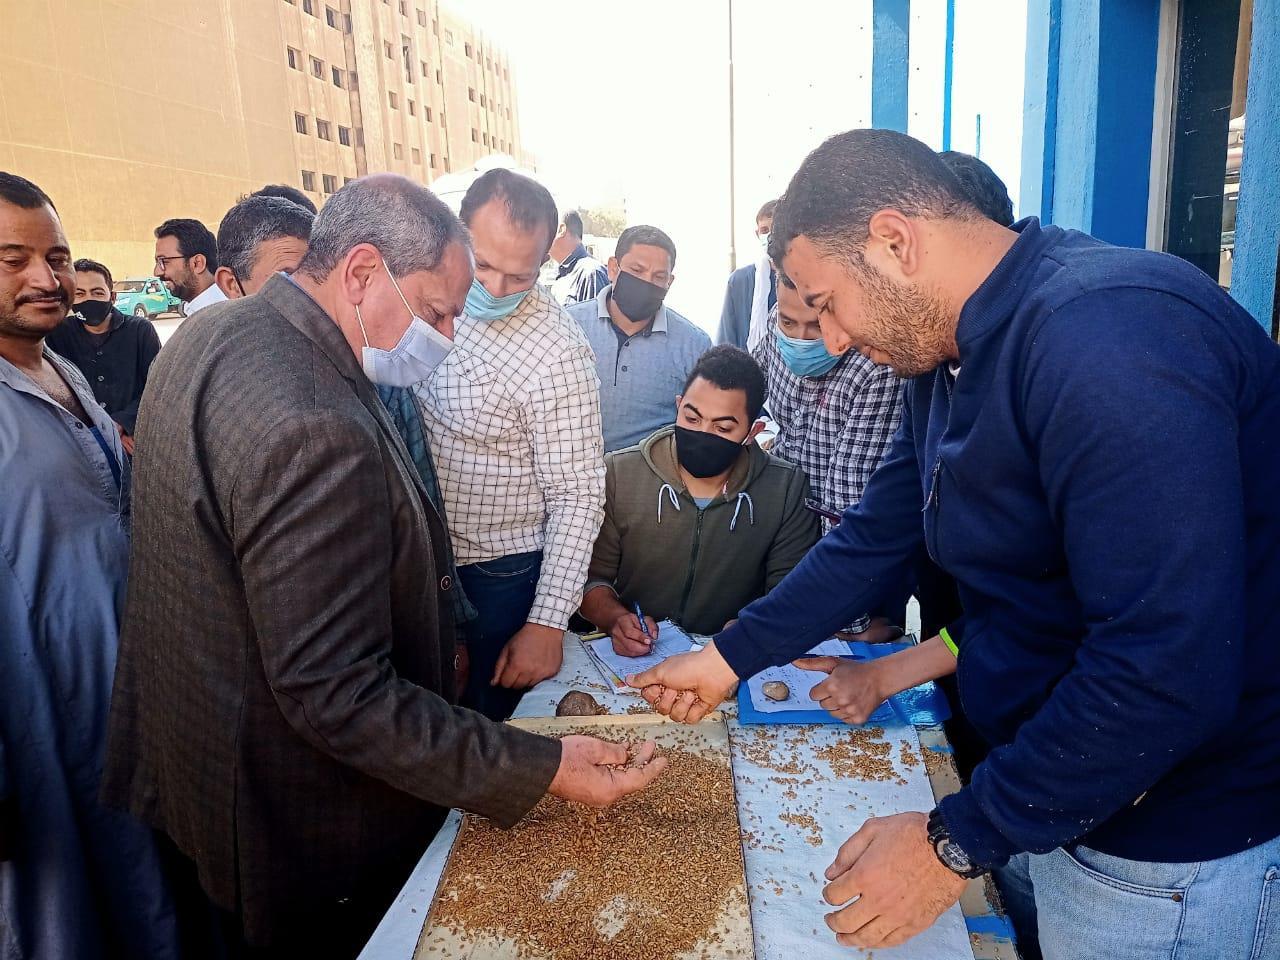 محافظ المنيا: بدء توريد محصول القمح بالشون الحكومية